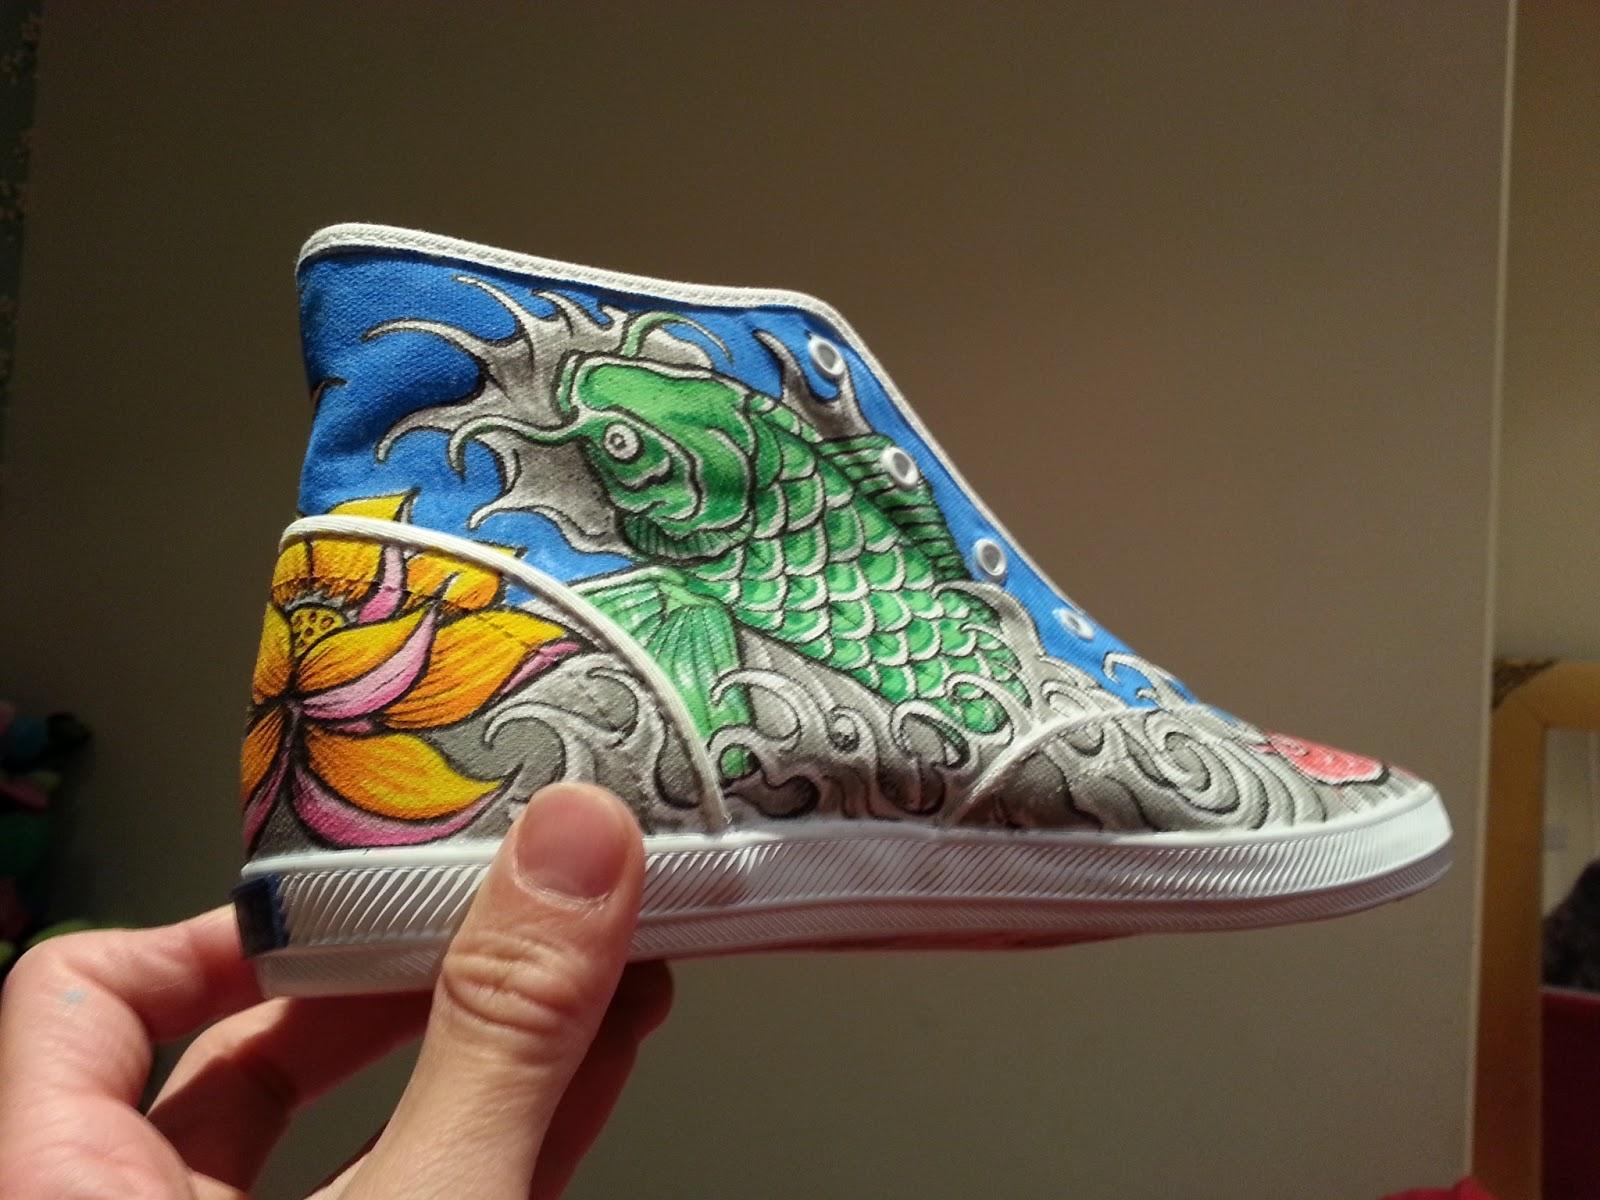 meerkatsu canvas shoe